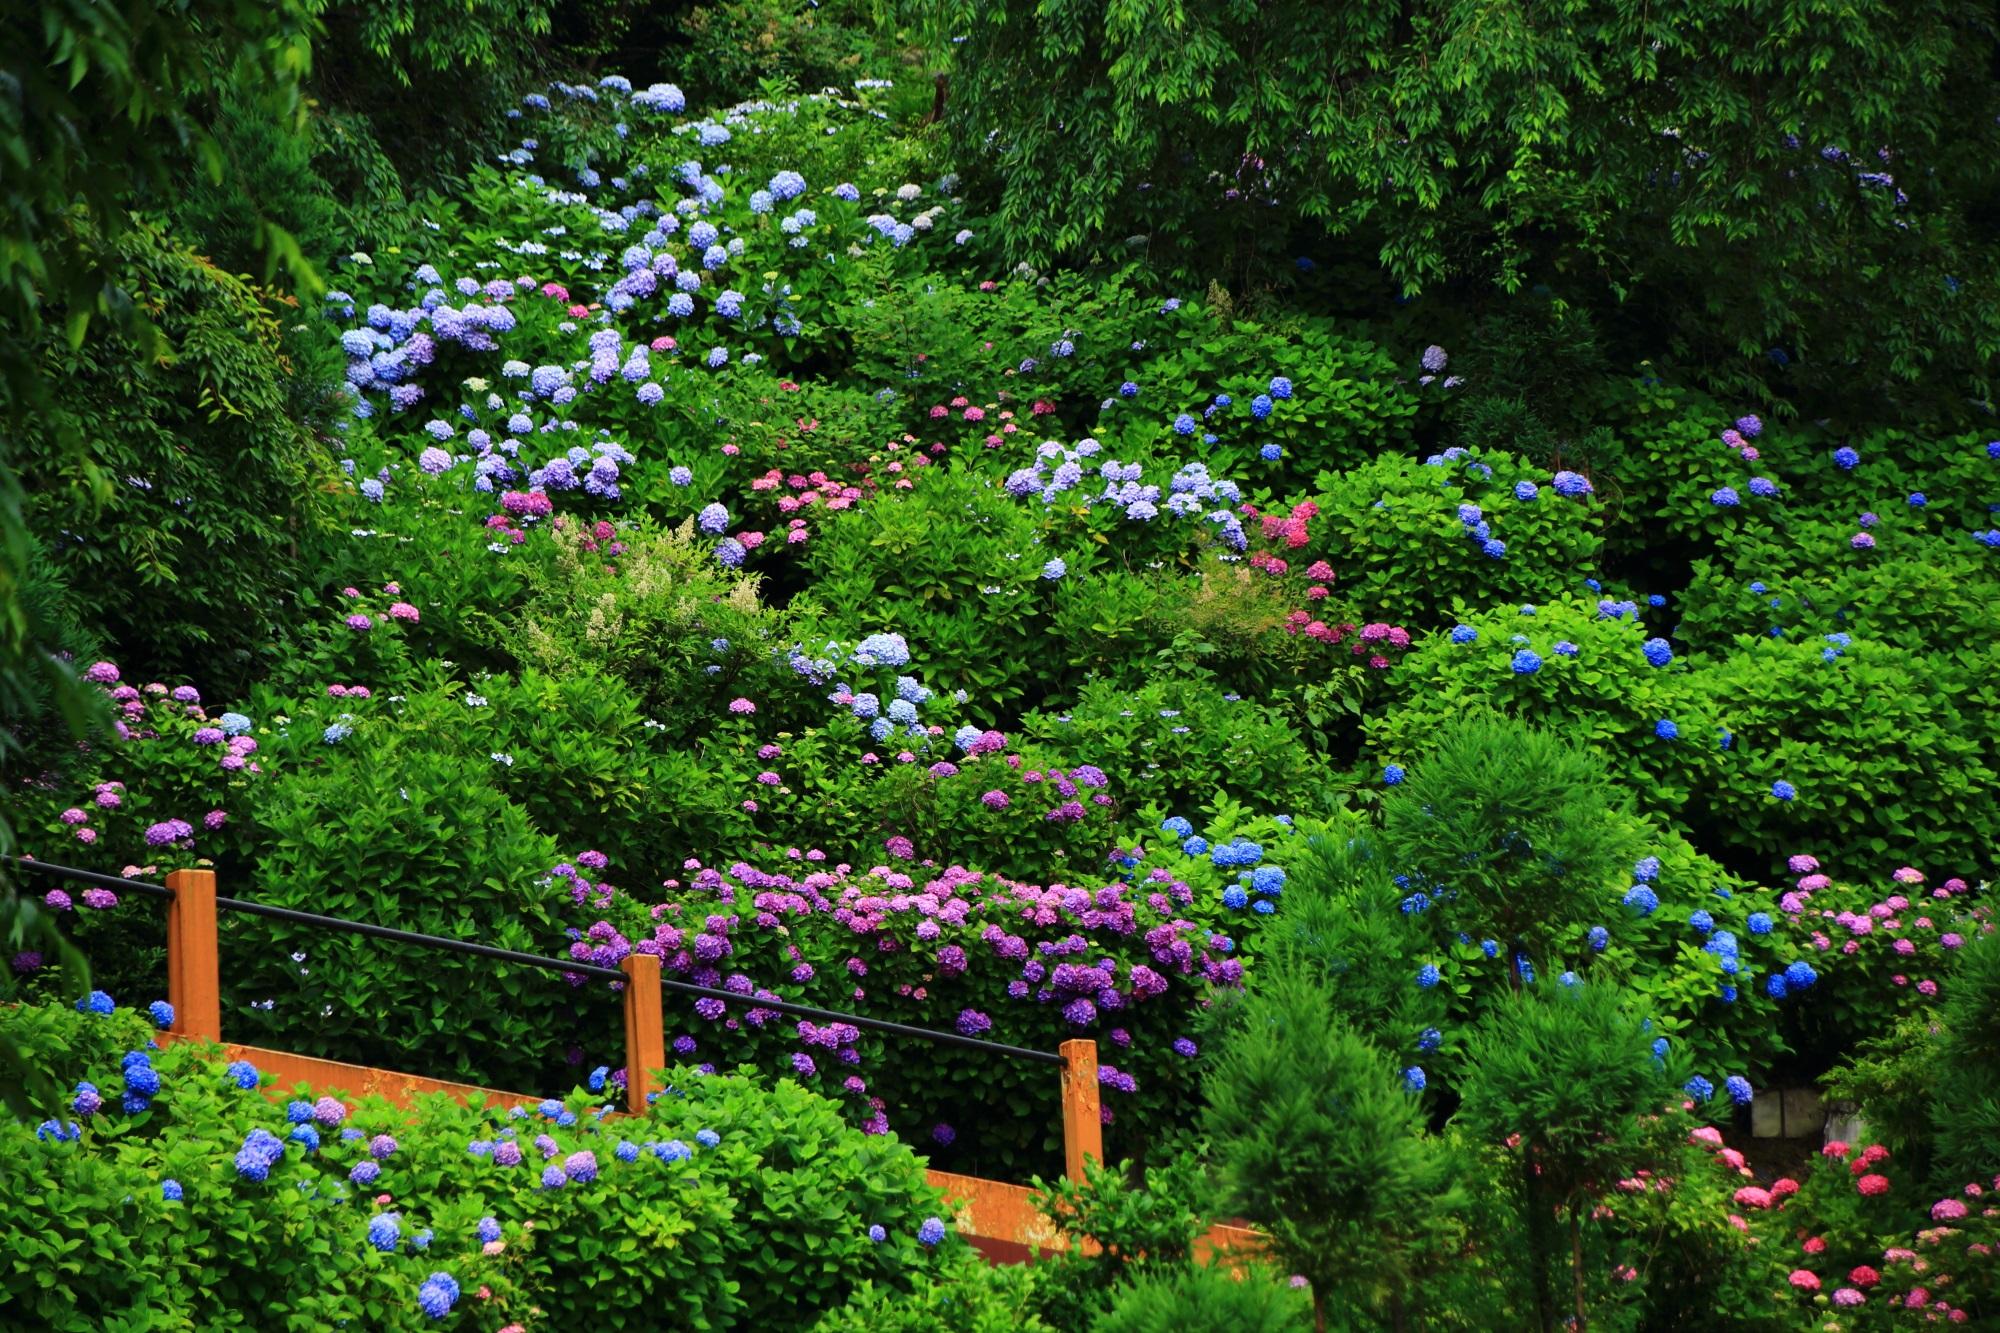 京都洛西の紫陽花の名所の善峯寺(よしみねでら)